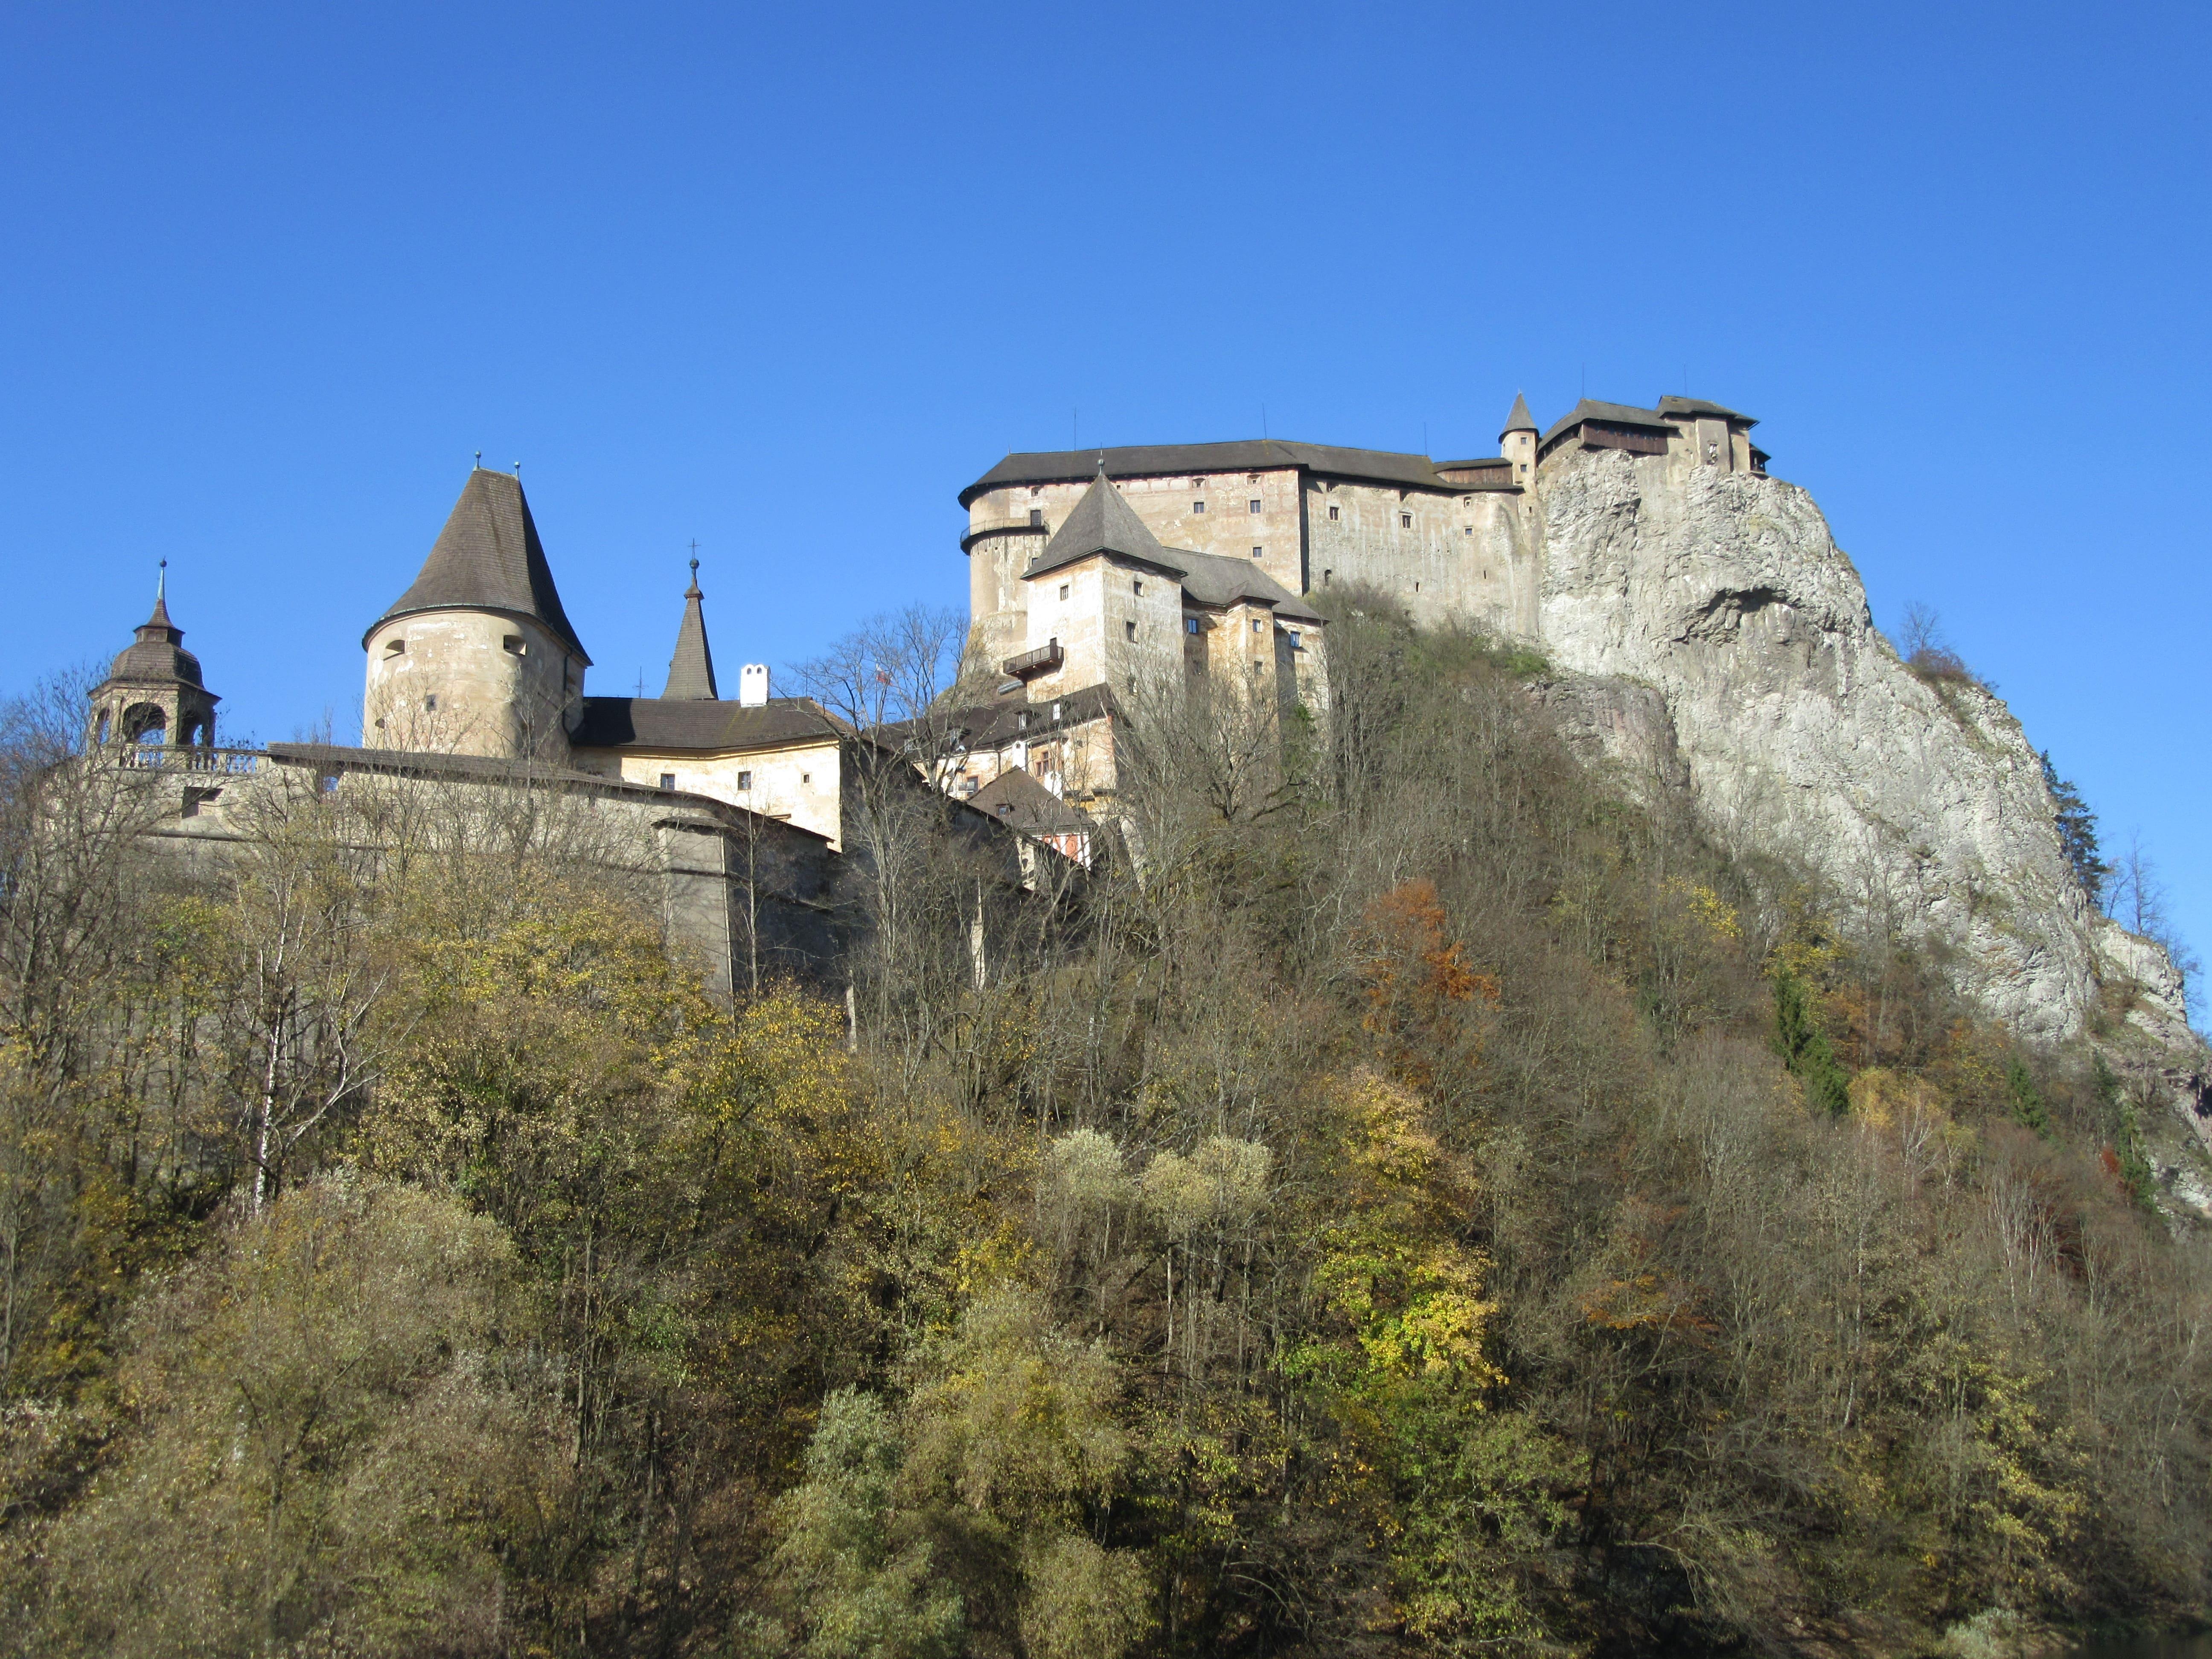 Oravski hrad Slovaquie chateau